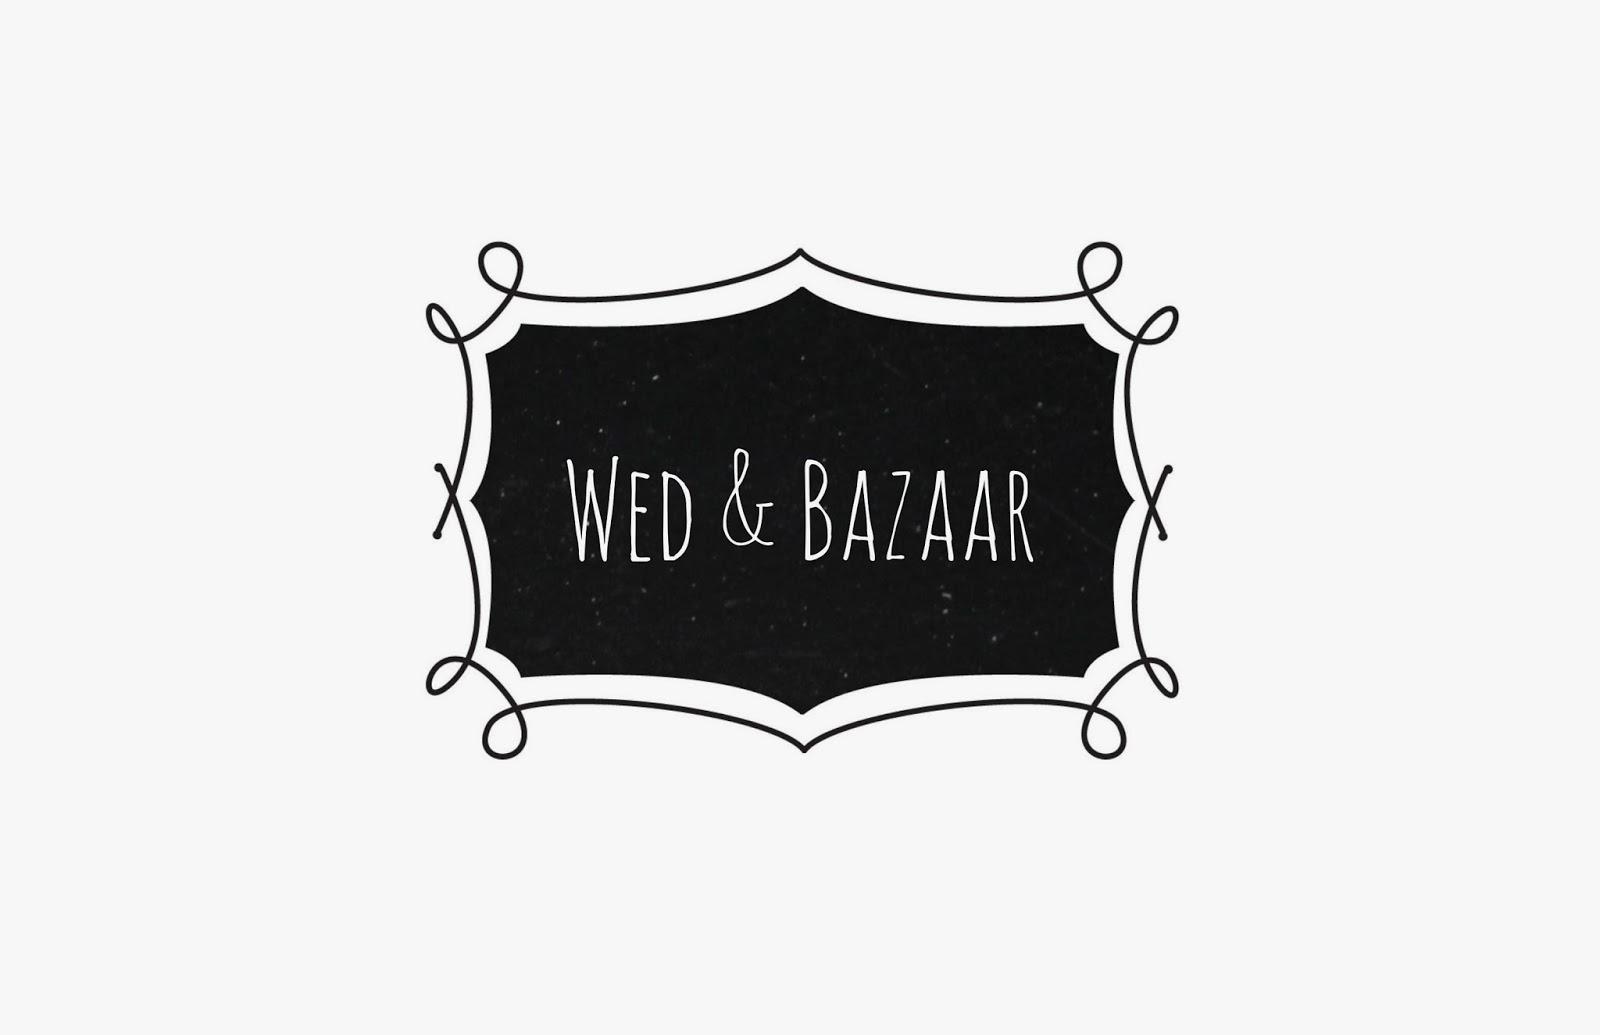 ¡Bienvenidos a Wed & Bazaar!